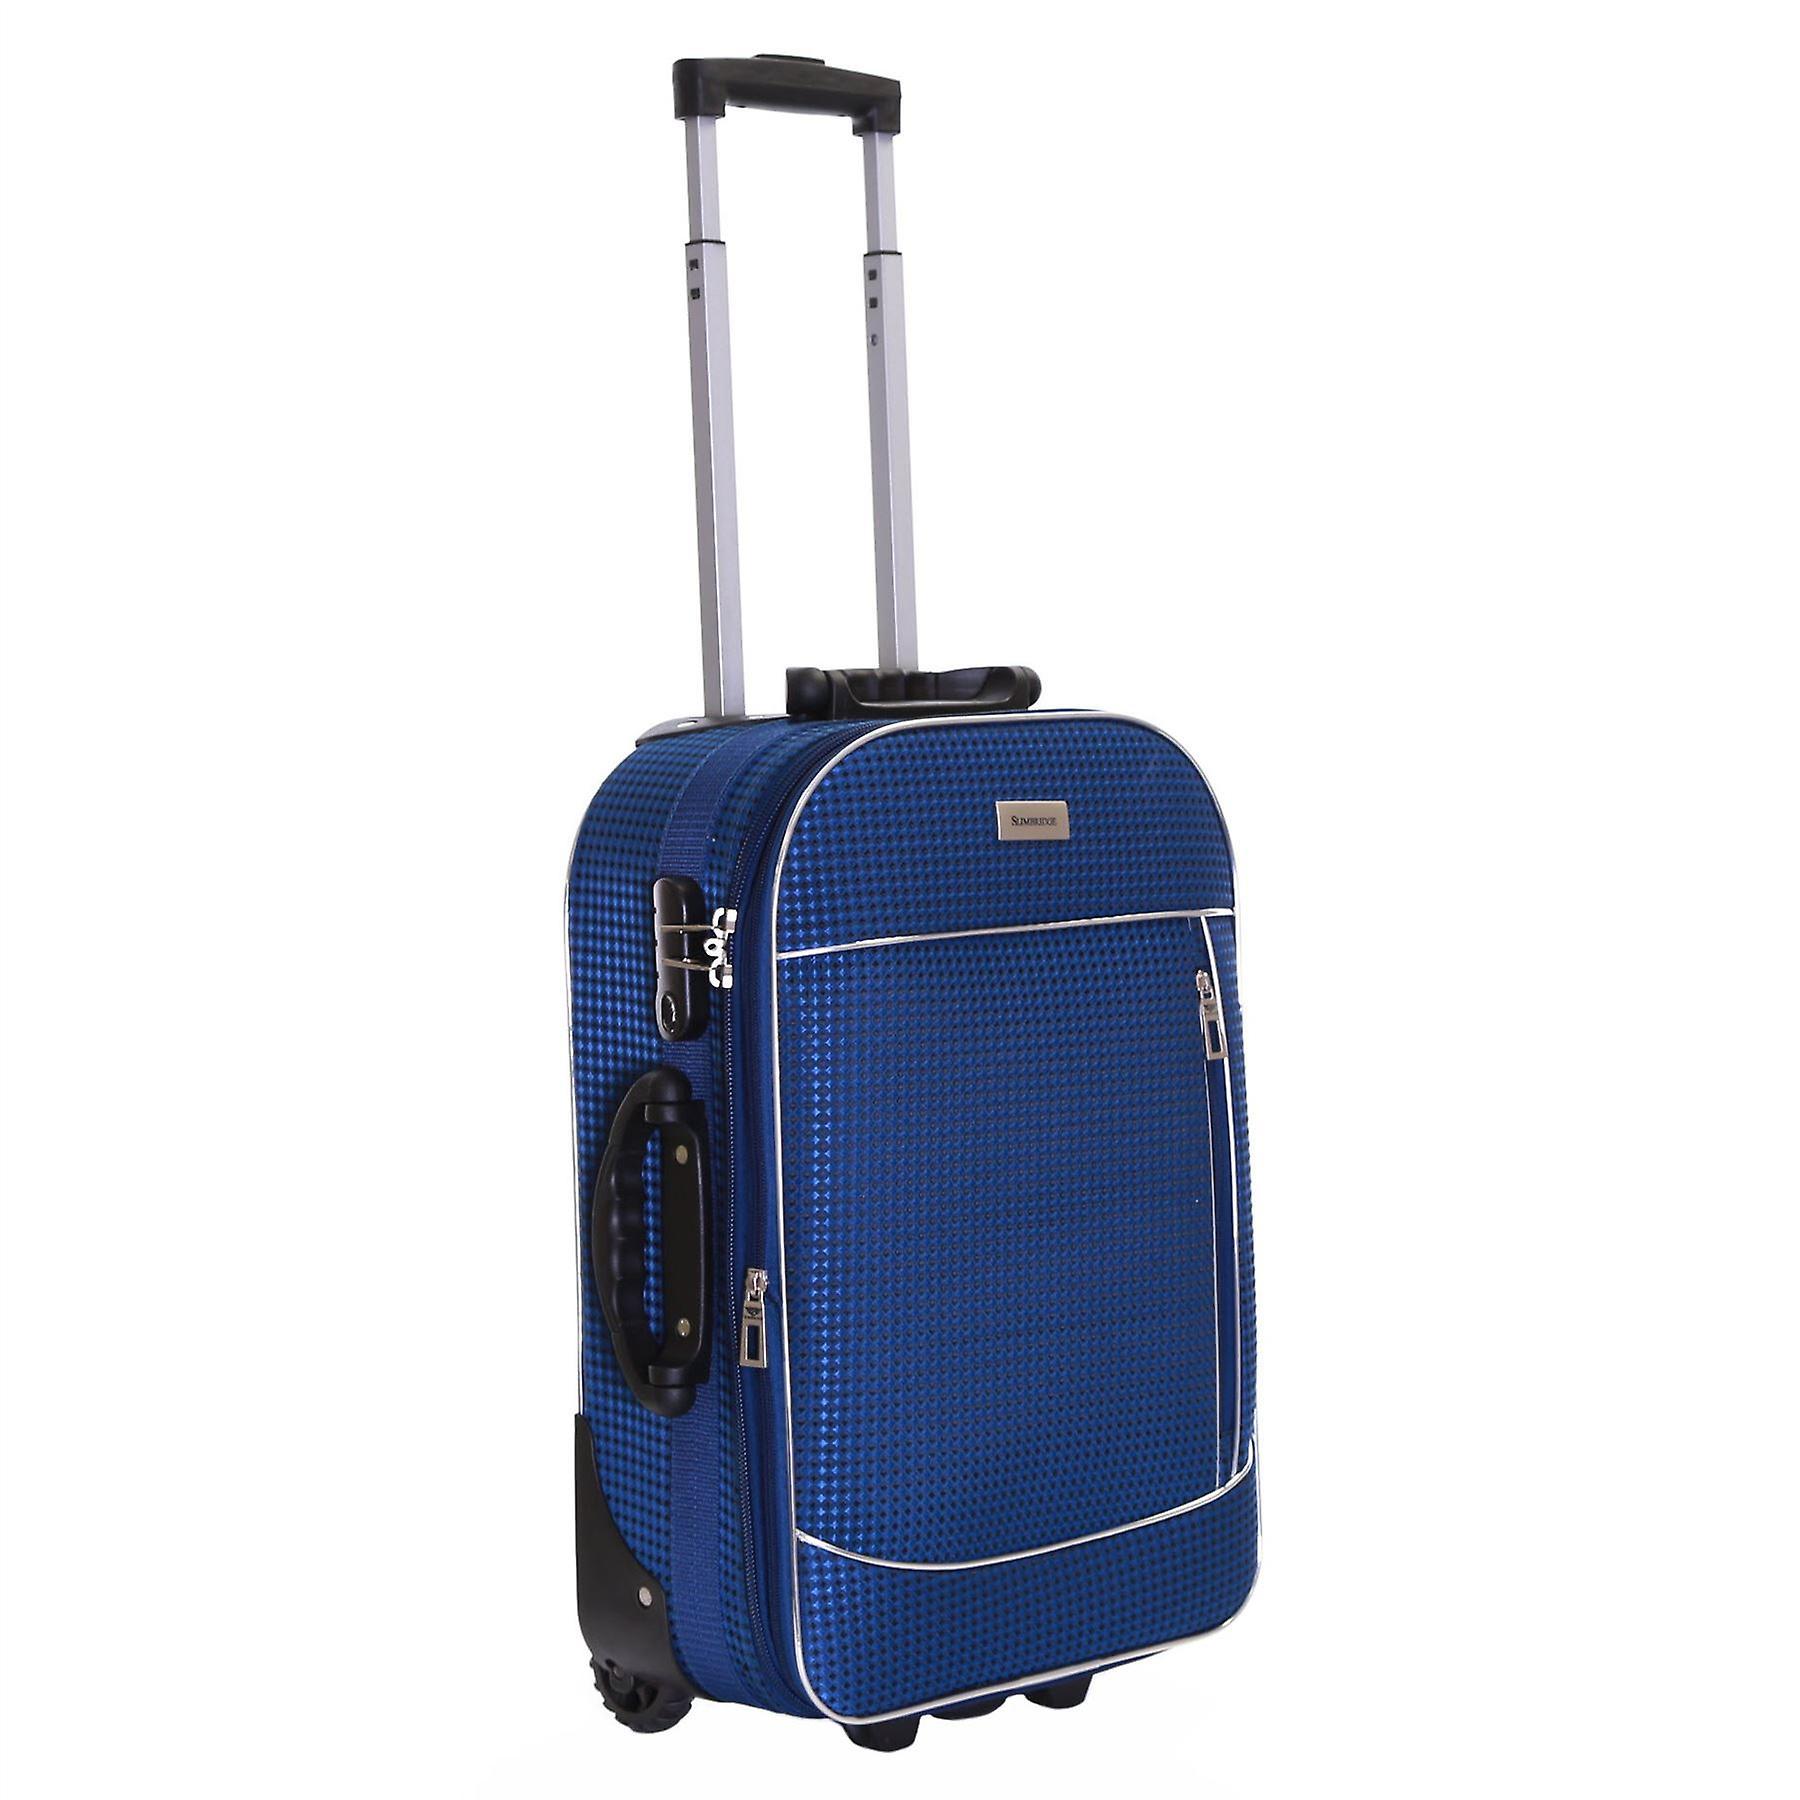 Slimbridge Rennes Cabin 55 cm Expandable Suitcase, Navy